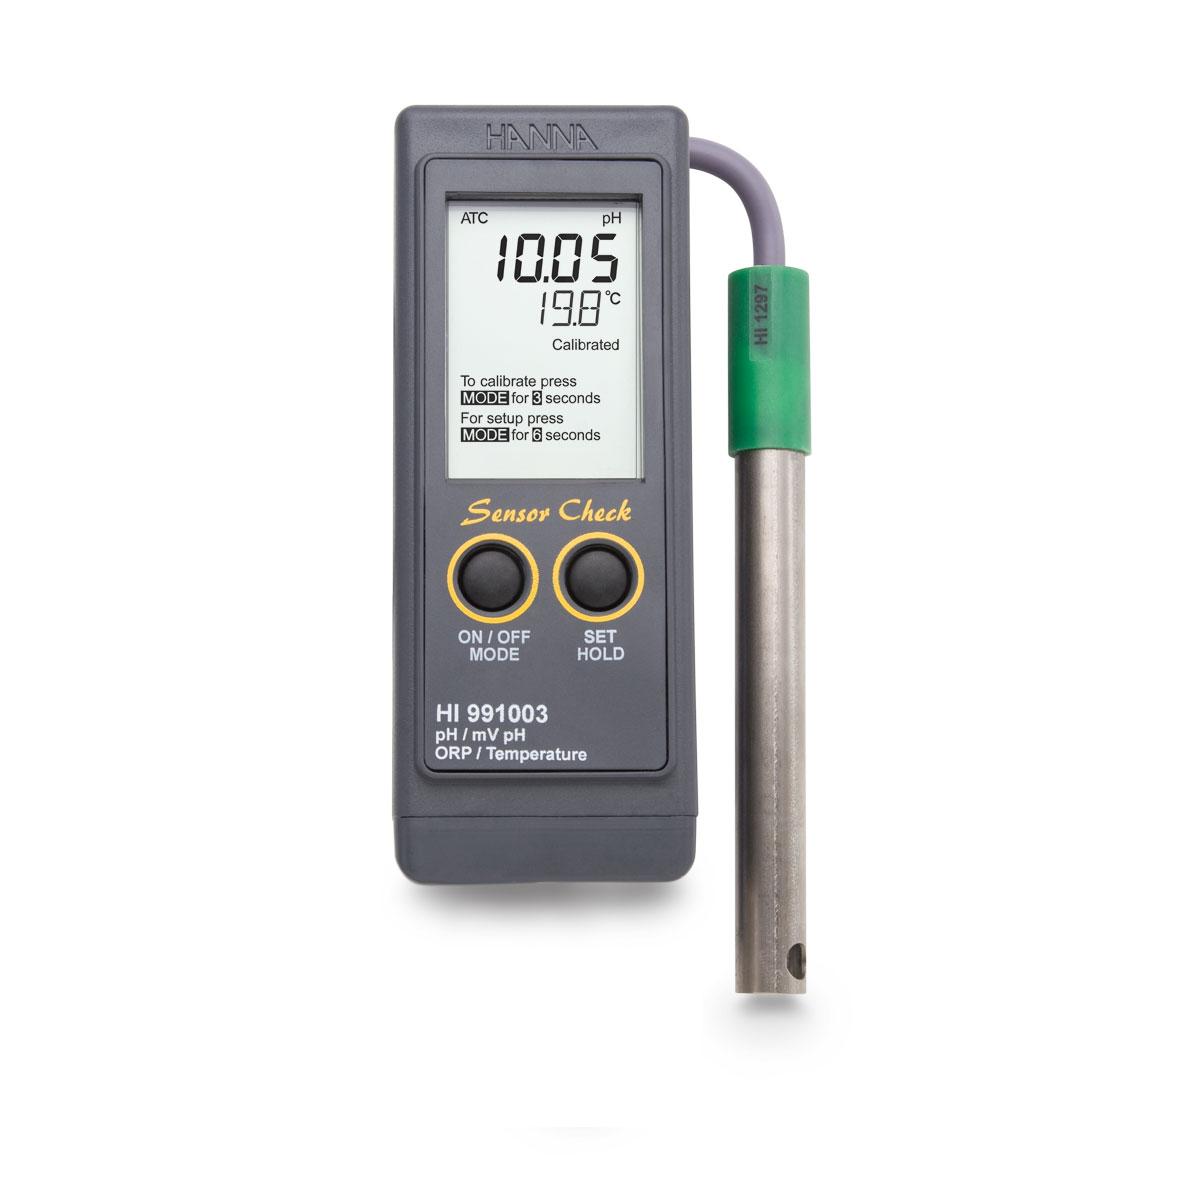 HI991003P pH/pH-mV/ORP/Temperature Meter with Sensor Check™